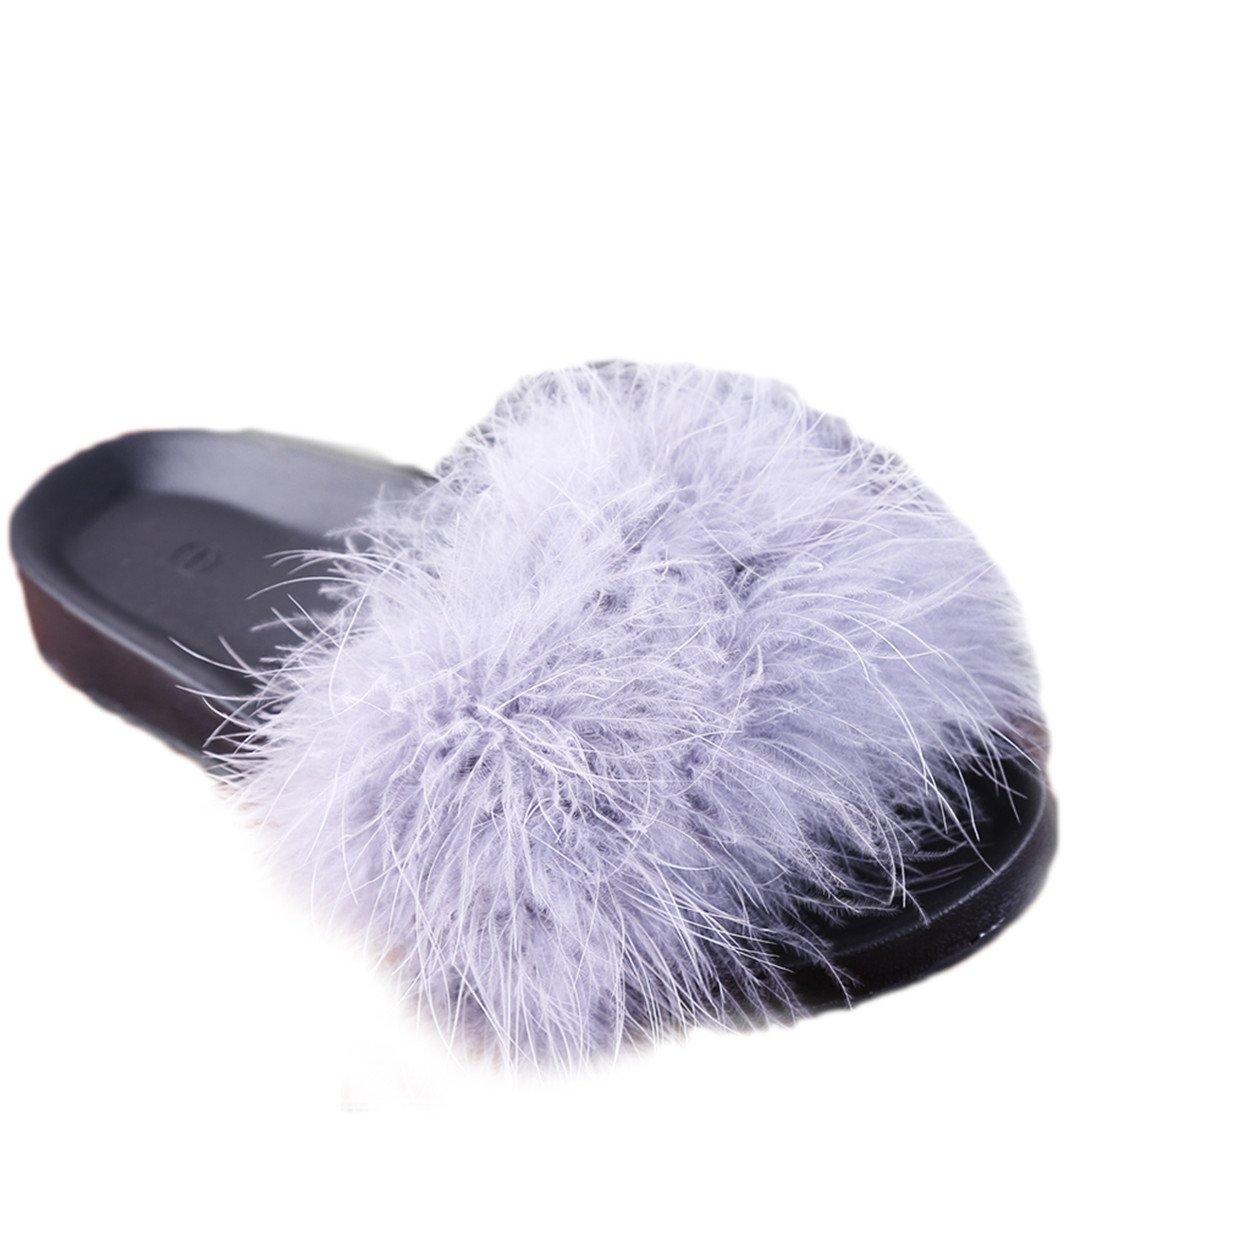 Lalang Frauen Schouml;n Gefieder Mouml;bel Schuhe Sandalen Slipper im Freien Flip-Flops Sandalen  44 EU|Grau